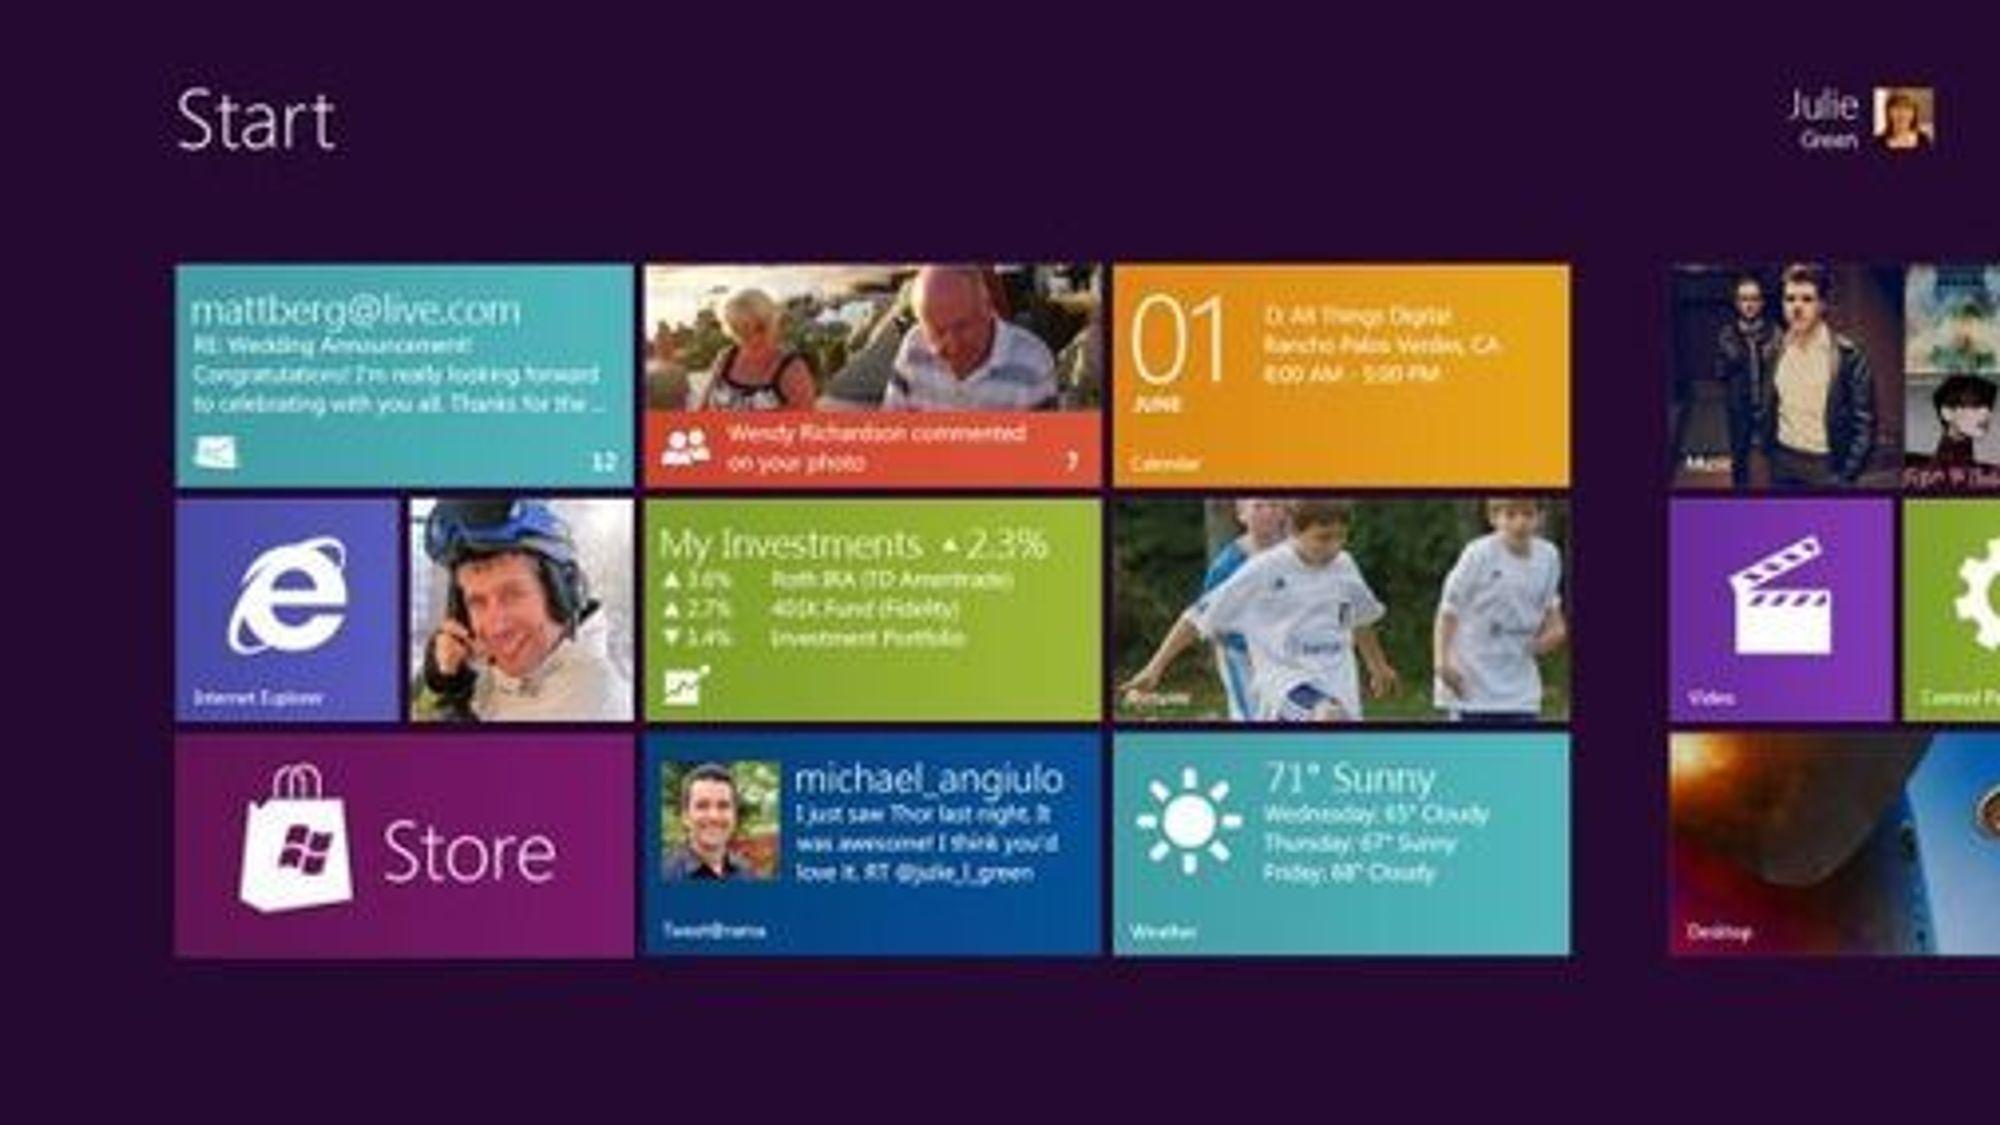 """Startmenyen i """"Windows 8"""" med de nevnte flisene, som også kjennetegner Windows Phone 7."""